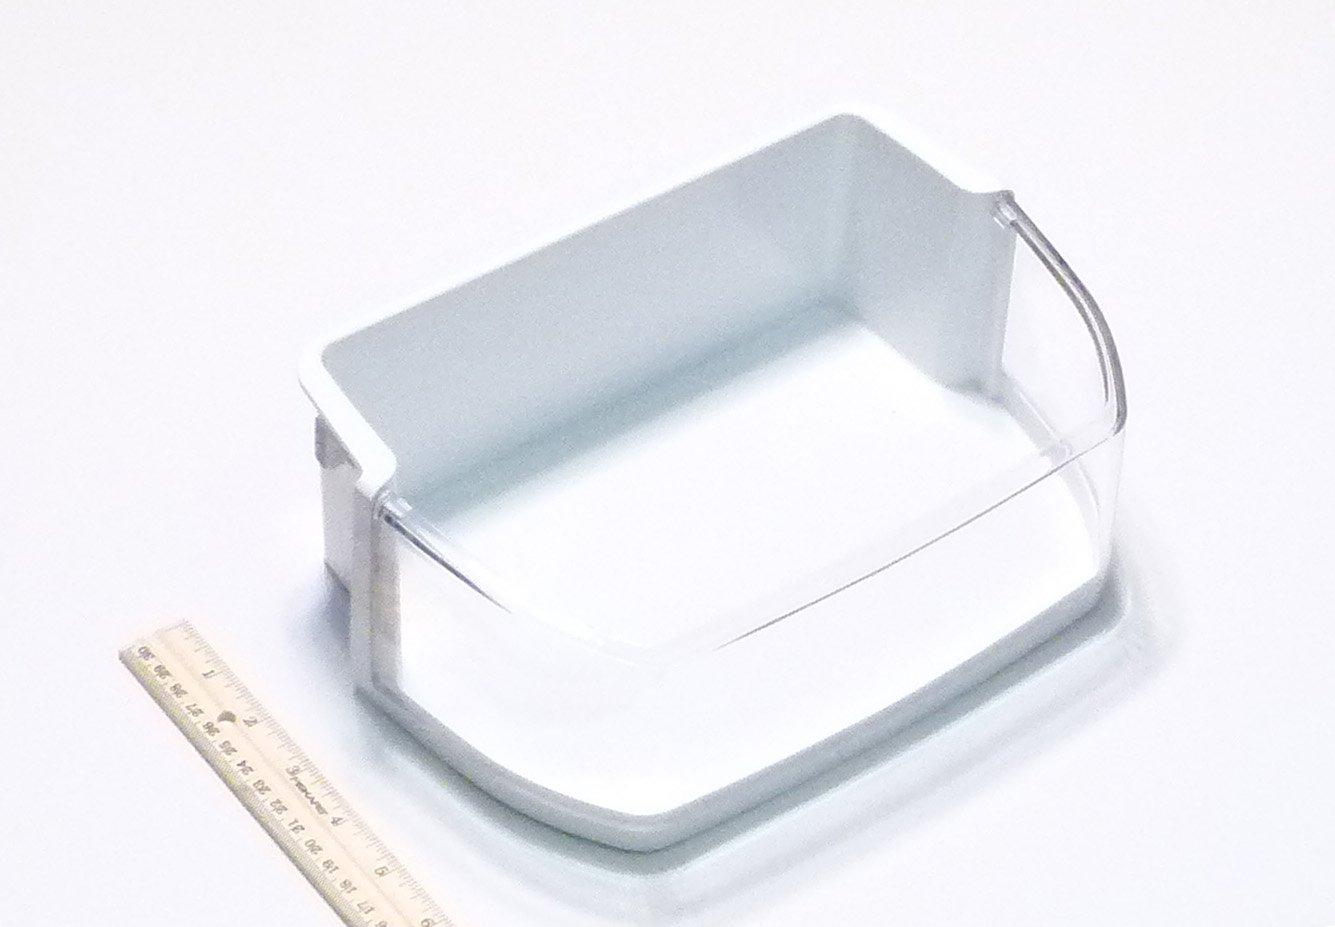 OEM LG Refrigerator Door Bin Basket Shelf Tray Assembly Originally Shipped With: LFC22770SB, LFC22770ST, LFC22770SW